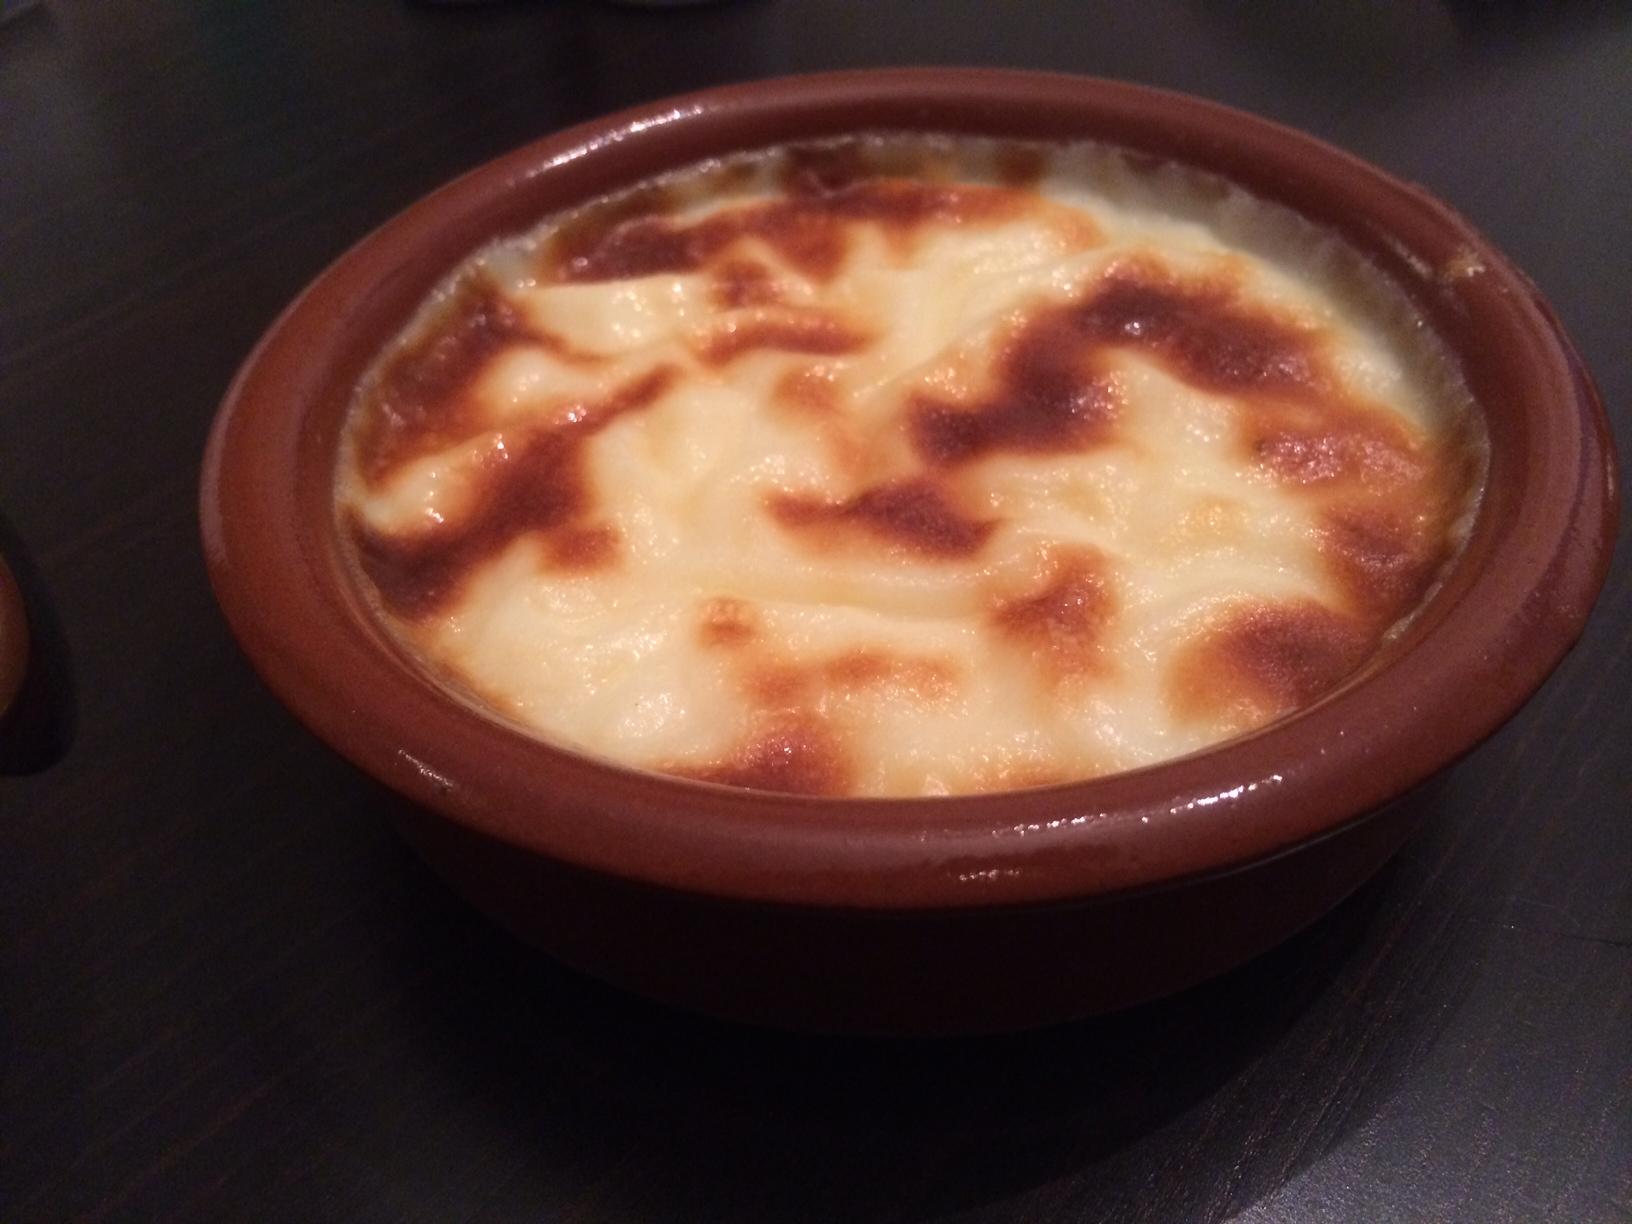 Sült tejberizs recept - Így készül a török finomság, a Sütlac